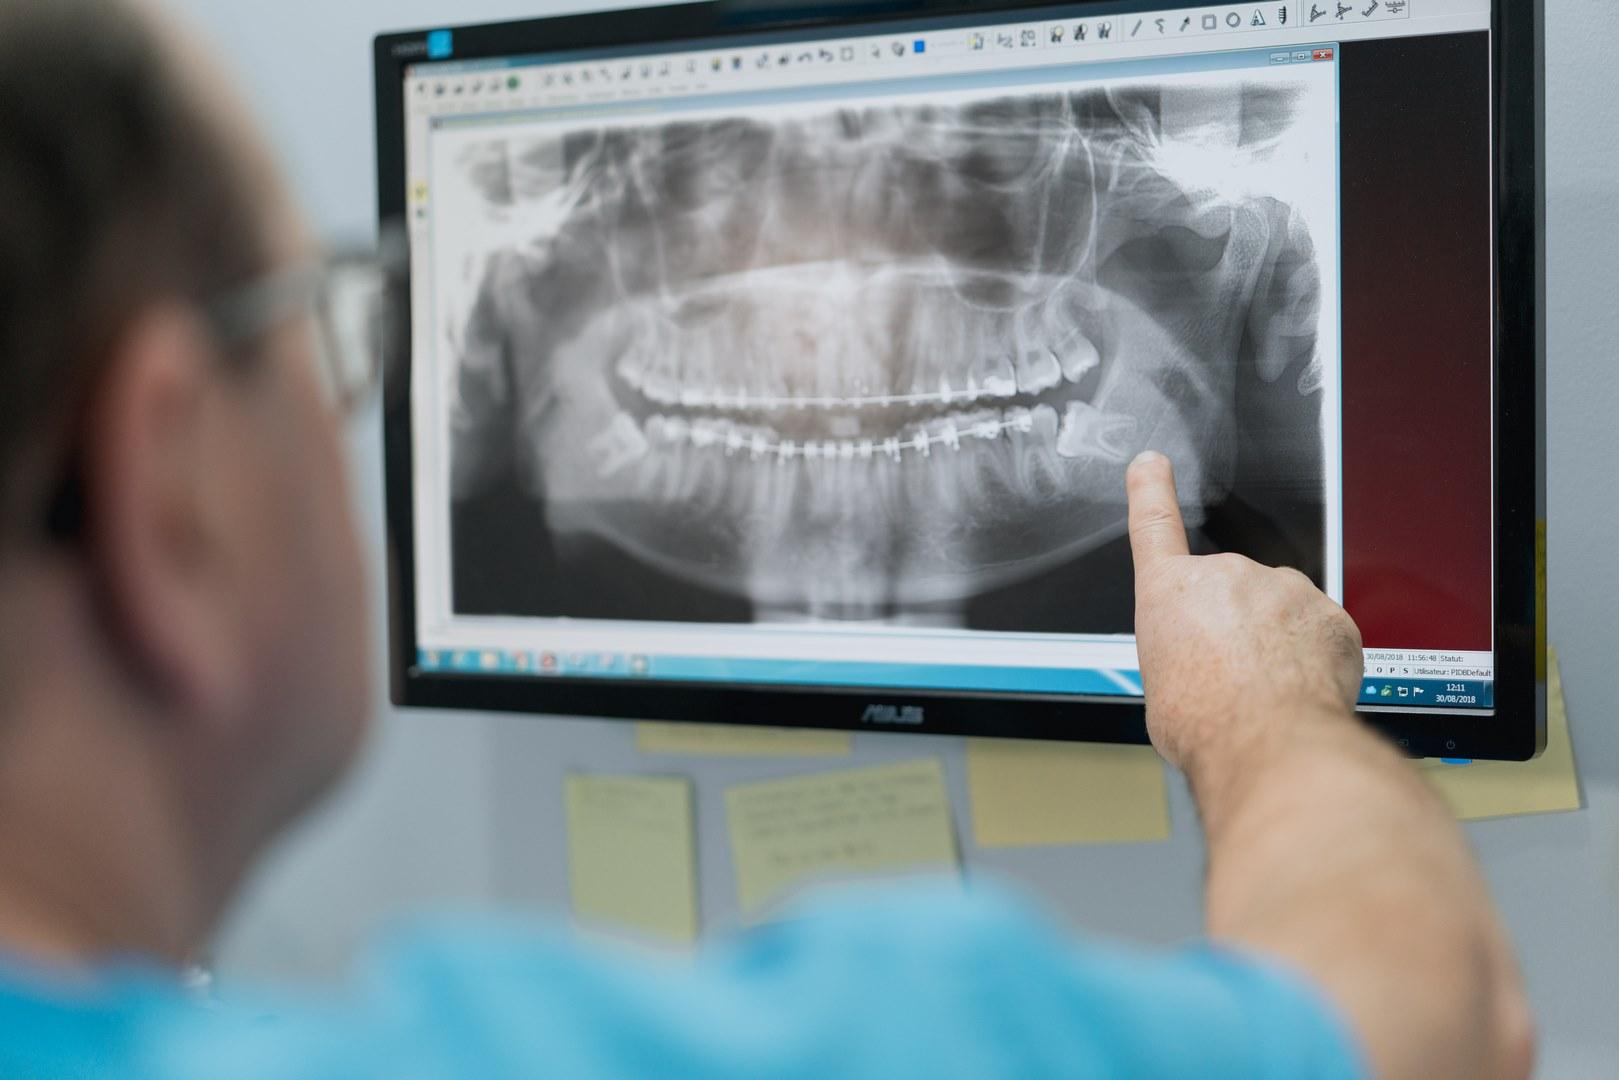 centre massilien de la face chirurgie maxillo-faciale marseille prado pano charles levy